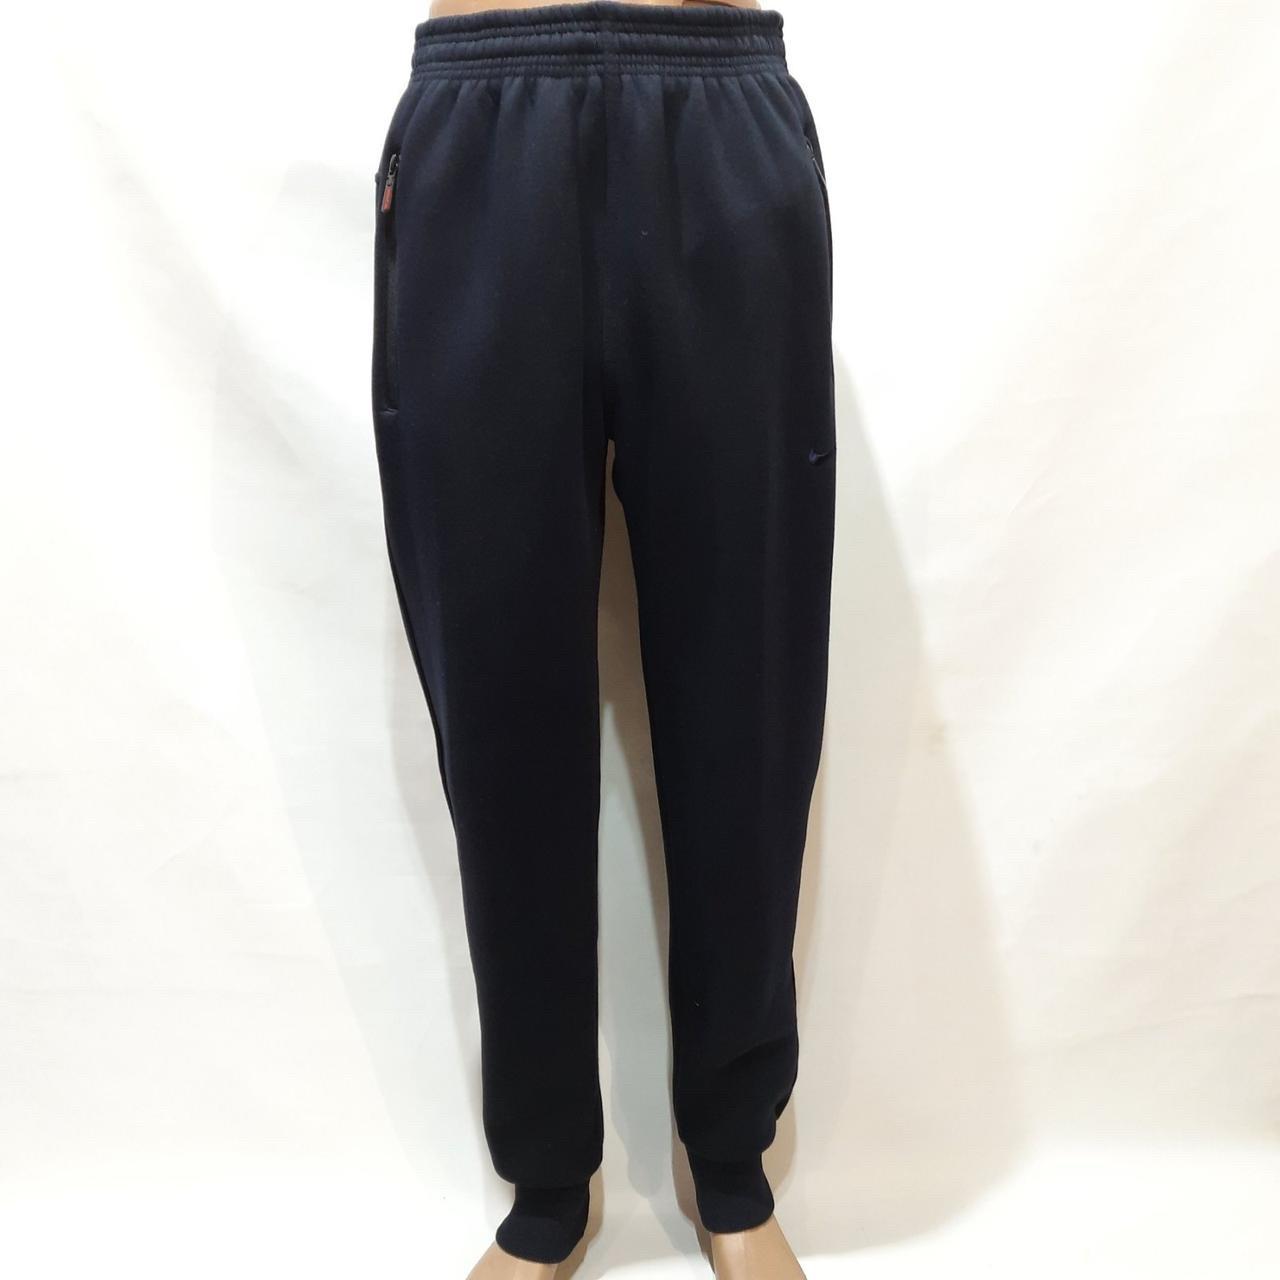 Теплые мужские штаны (Большие размеры) спортивные на флисе Турция